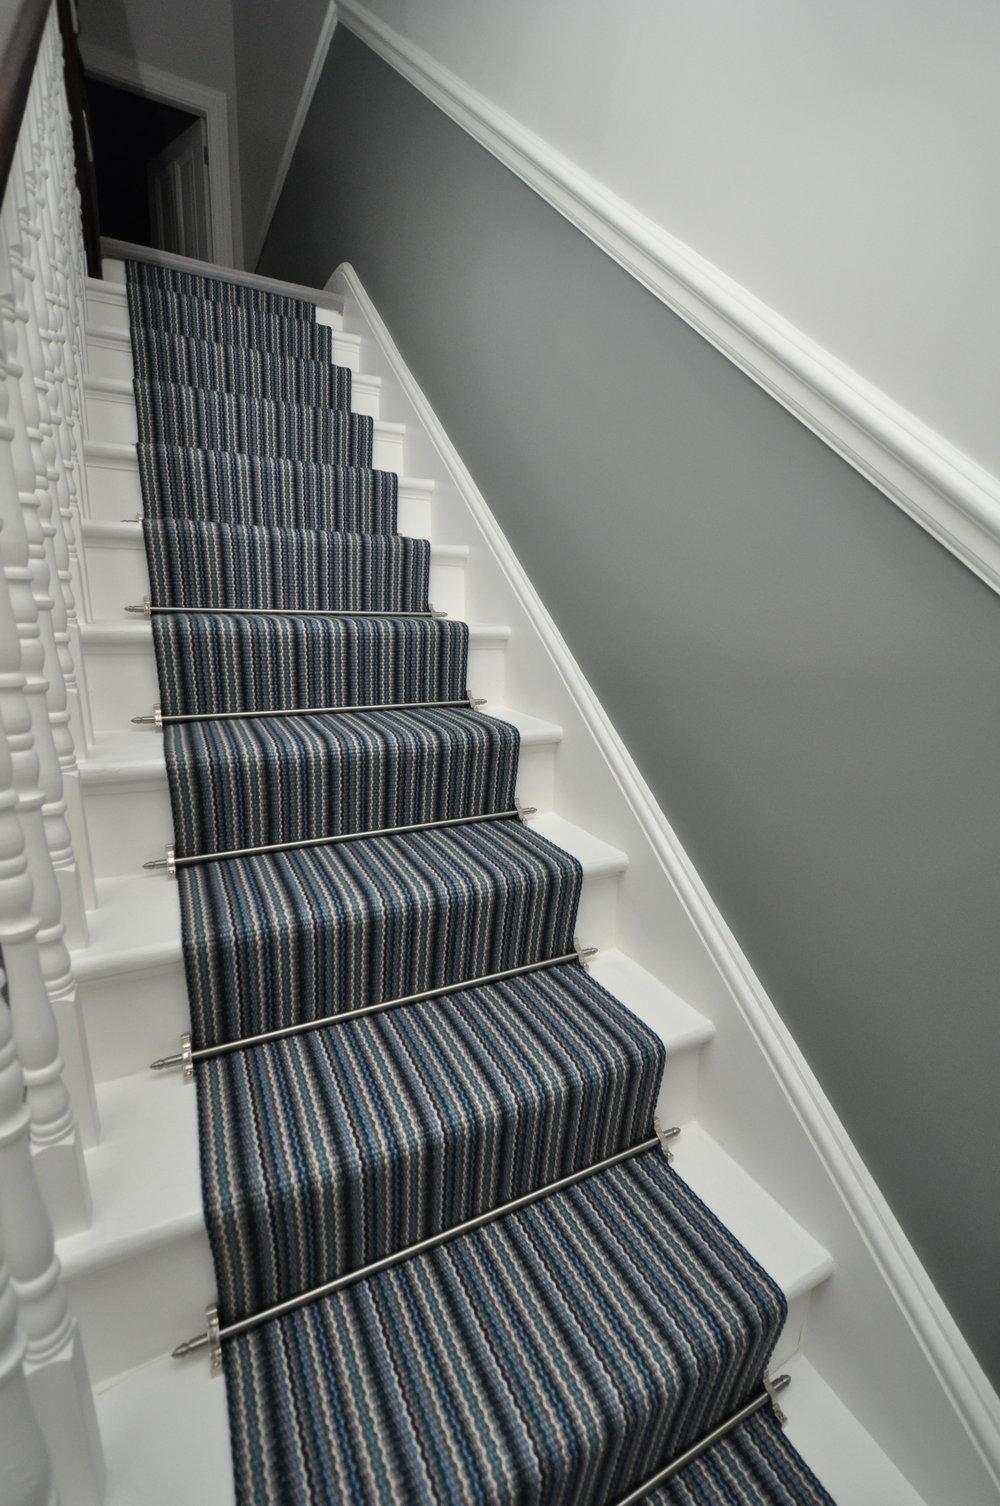 flatweave-stair-runners-london-bowloom-carpet-geometric-off-the-loom-DSC_1549.jpg